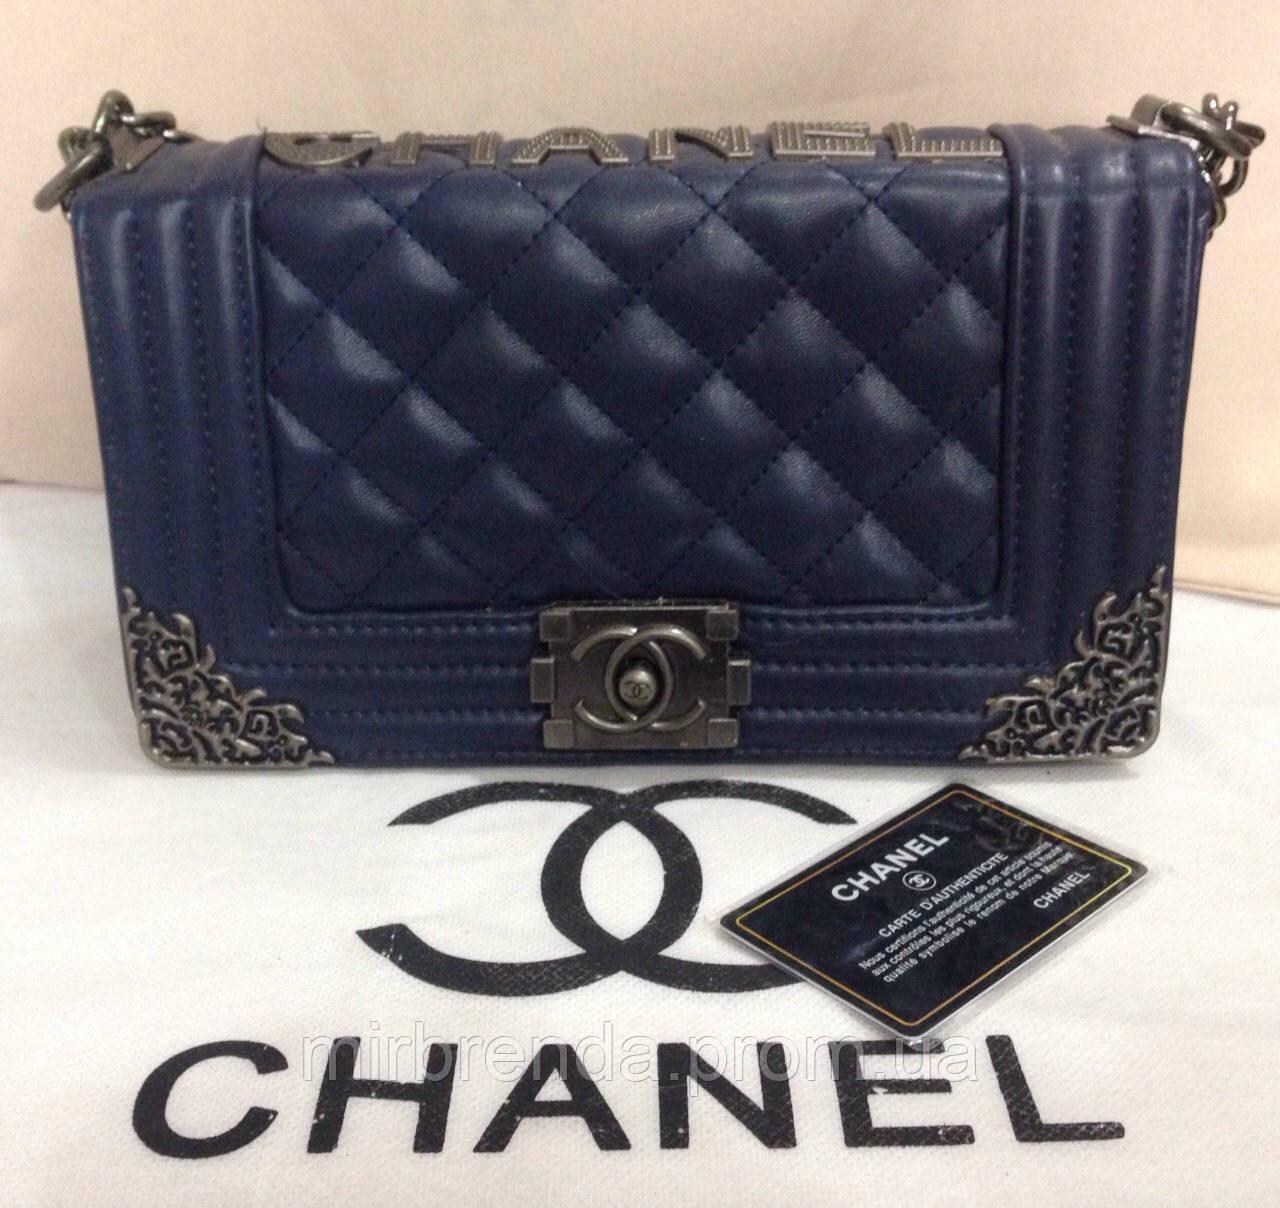 22ae8039f969 Купить сейчас - Сумка Chanel boy синий в наличии: 1 150 грн ...